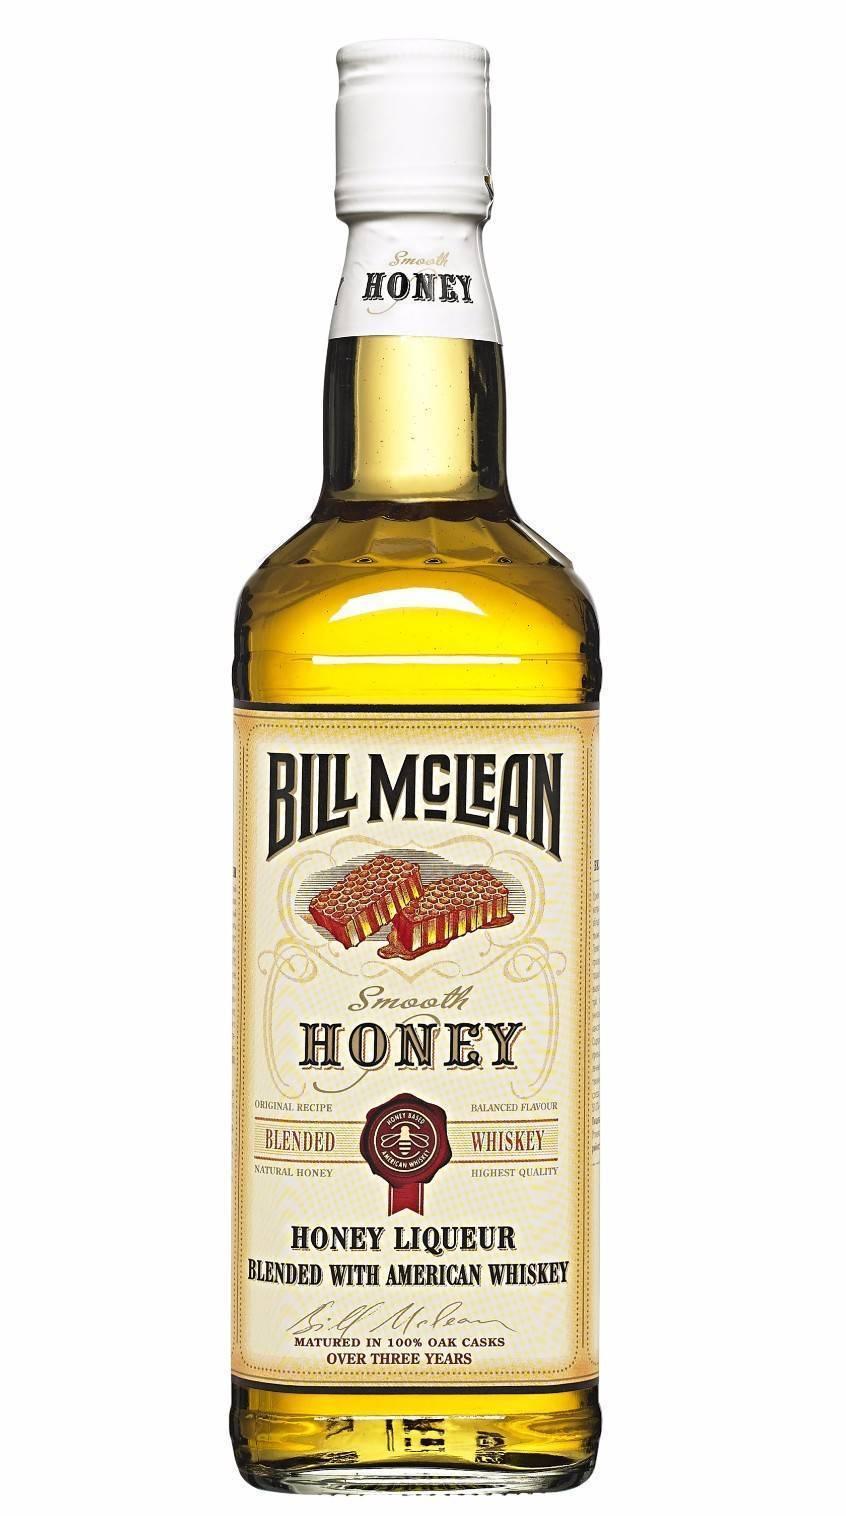 Билл маклин года традиционный смешанный виски – стоковое редакционное фото skaccm #310217570